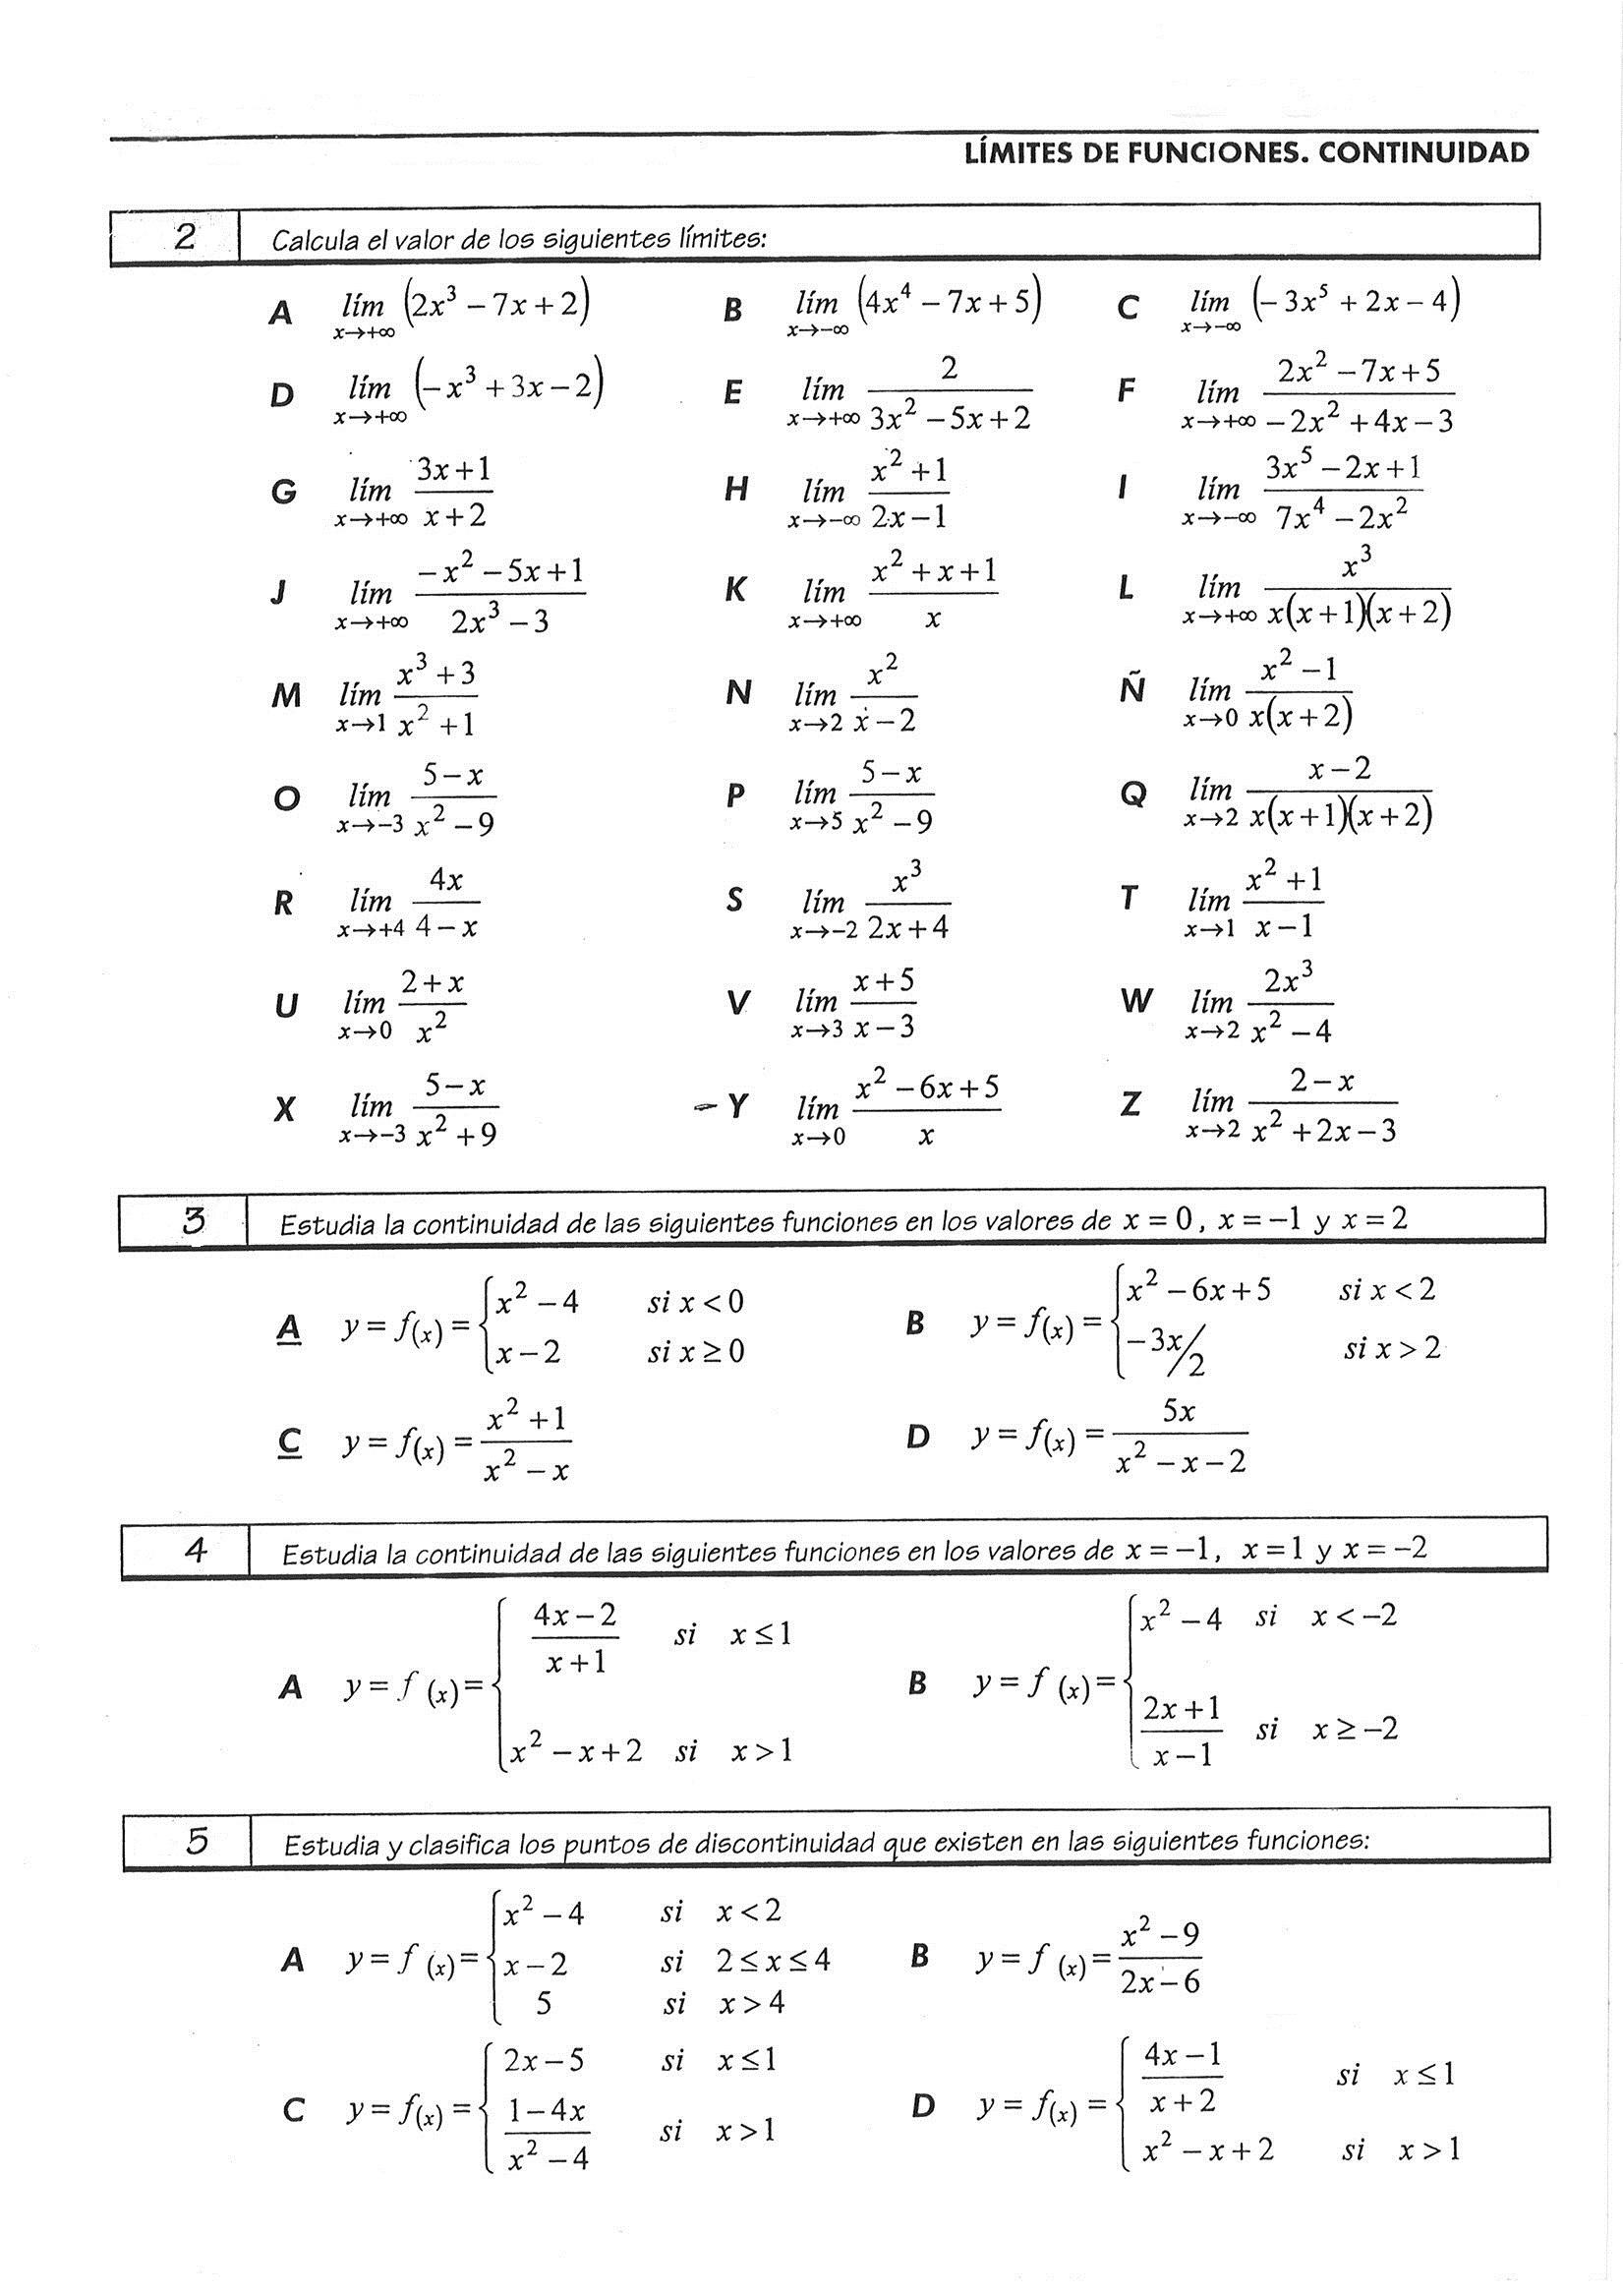 Ejercicios y examenes de matematicas - Math exercises and tests